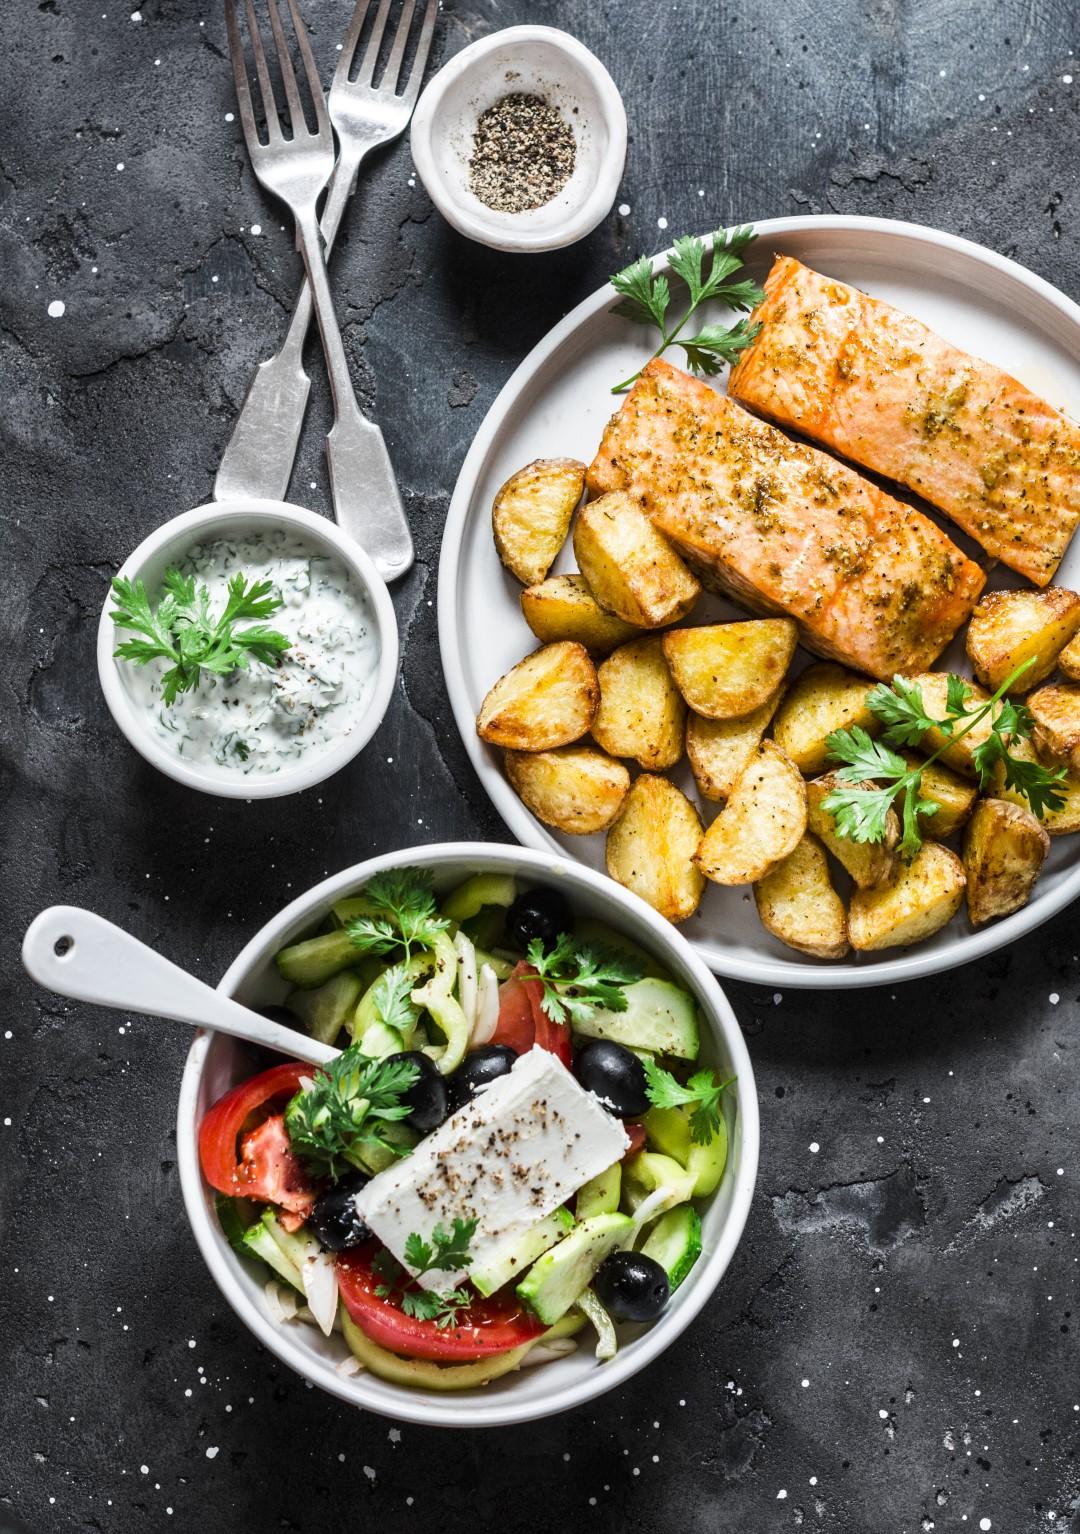 zdravlje-mršavljenje-dijeta-kalorije-prehrana